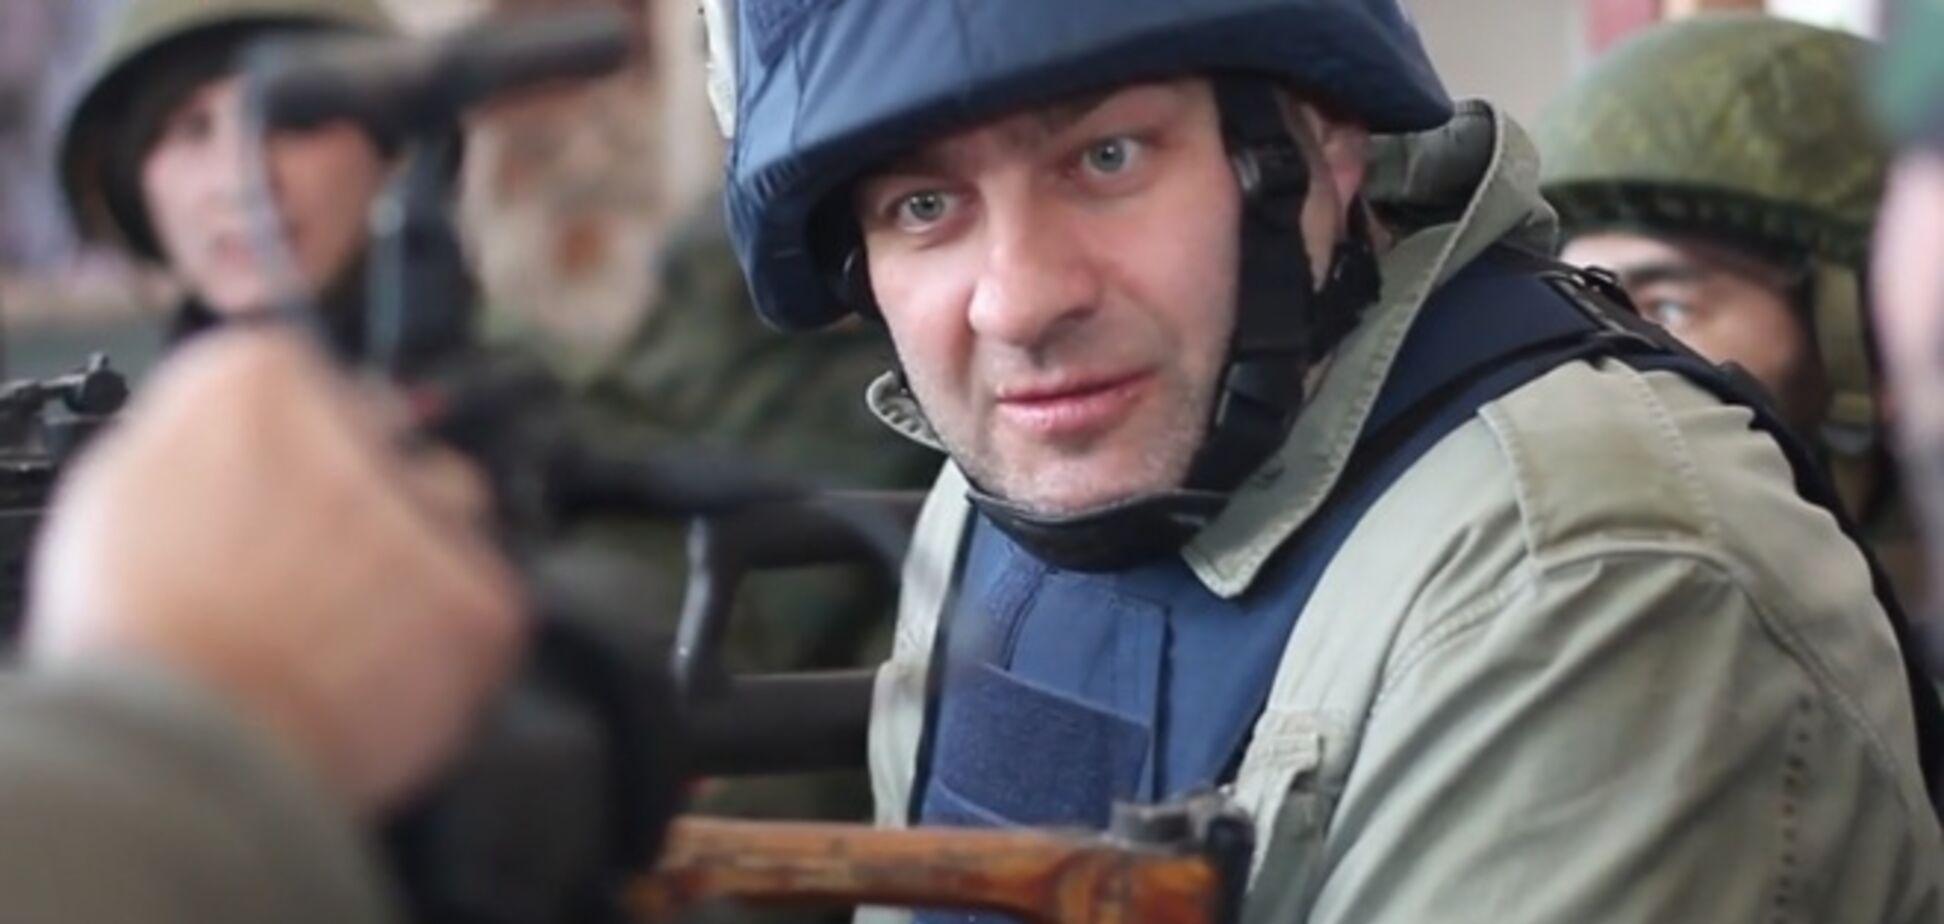 Актер Пореченков стрелял по 'киборгам' в донецком аэропорту: опубликовано видео